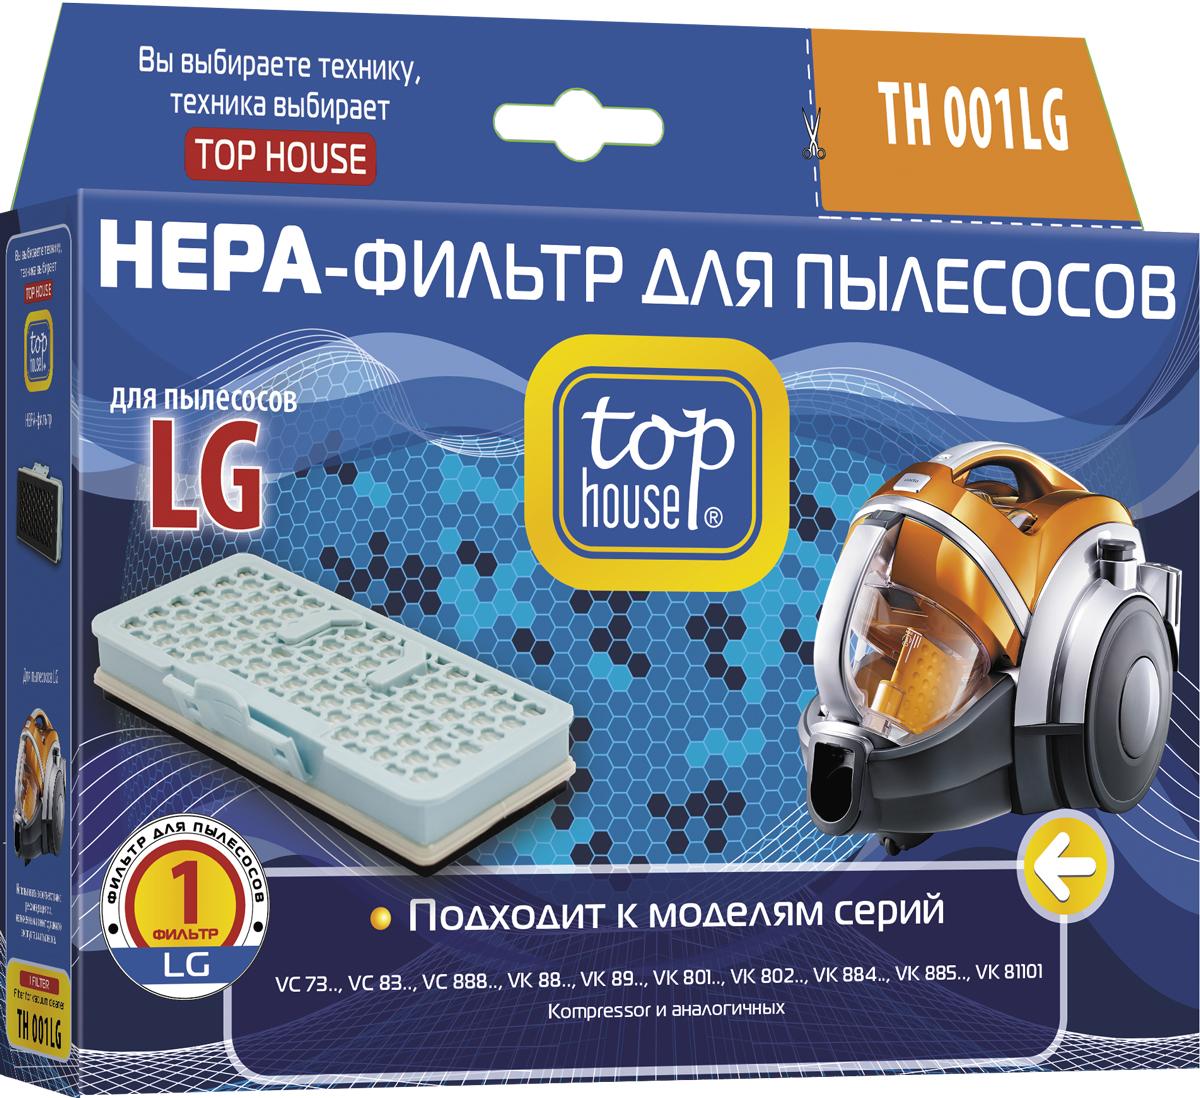 Top House TH 001LG HEPA-фильтр для пылесосов LG